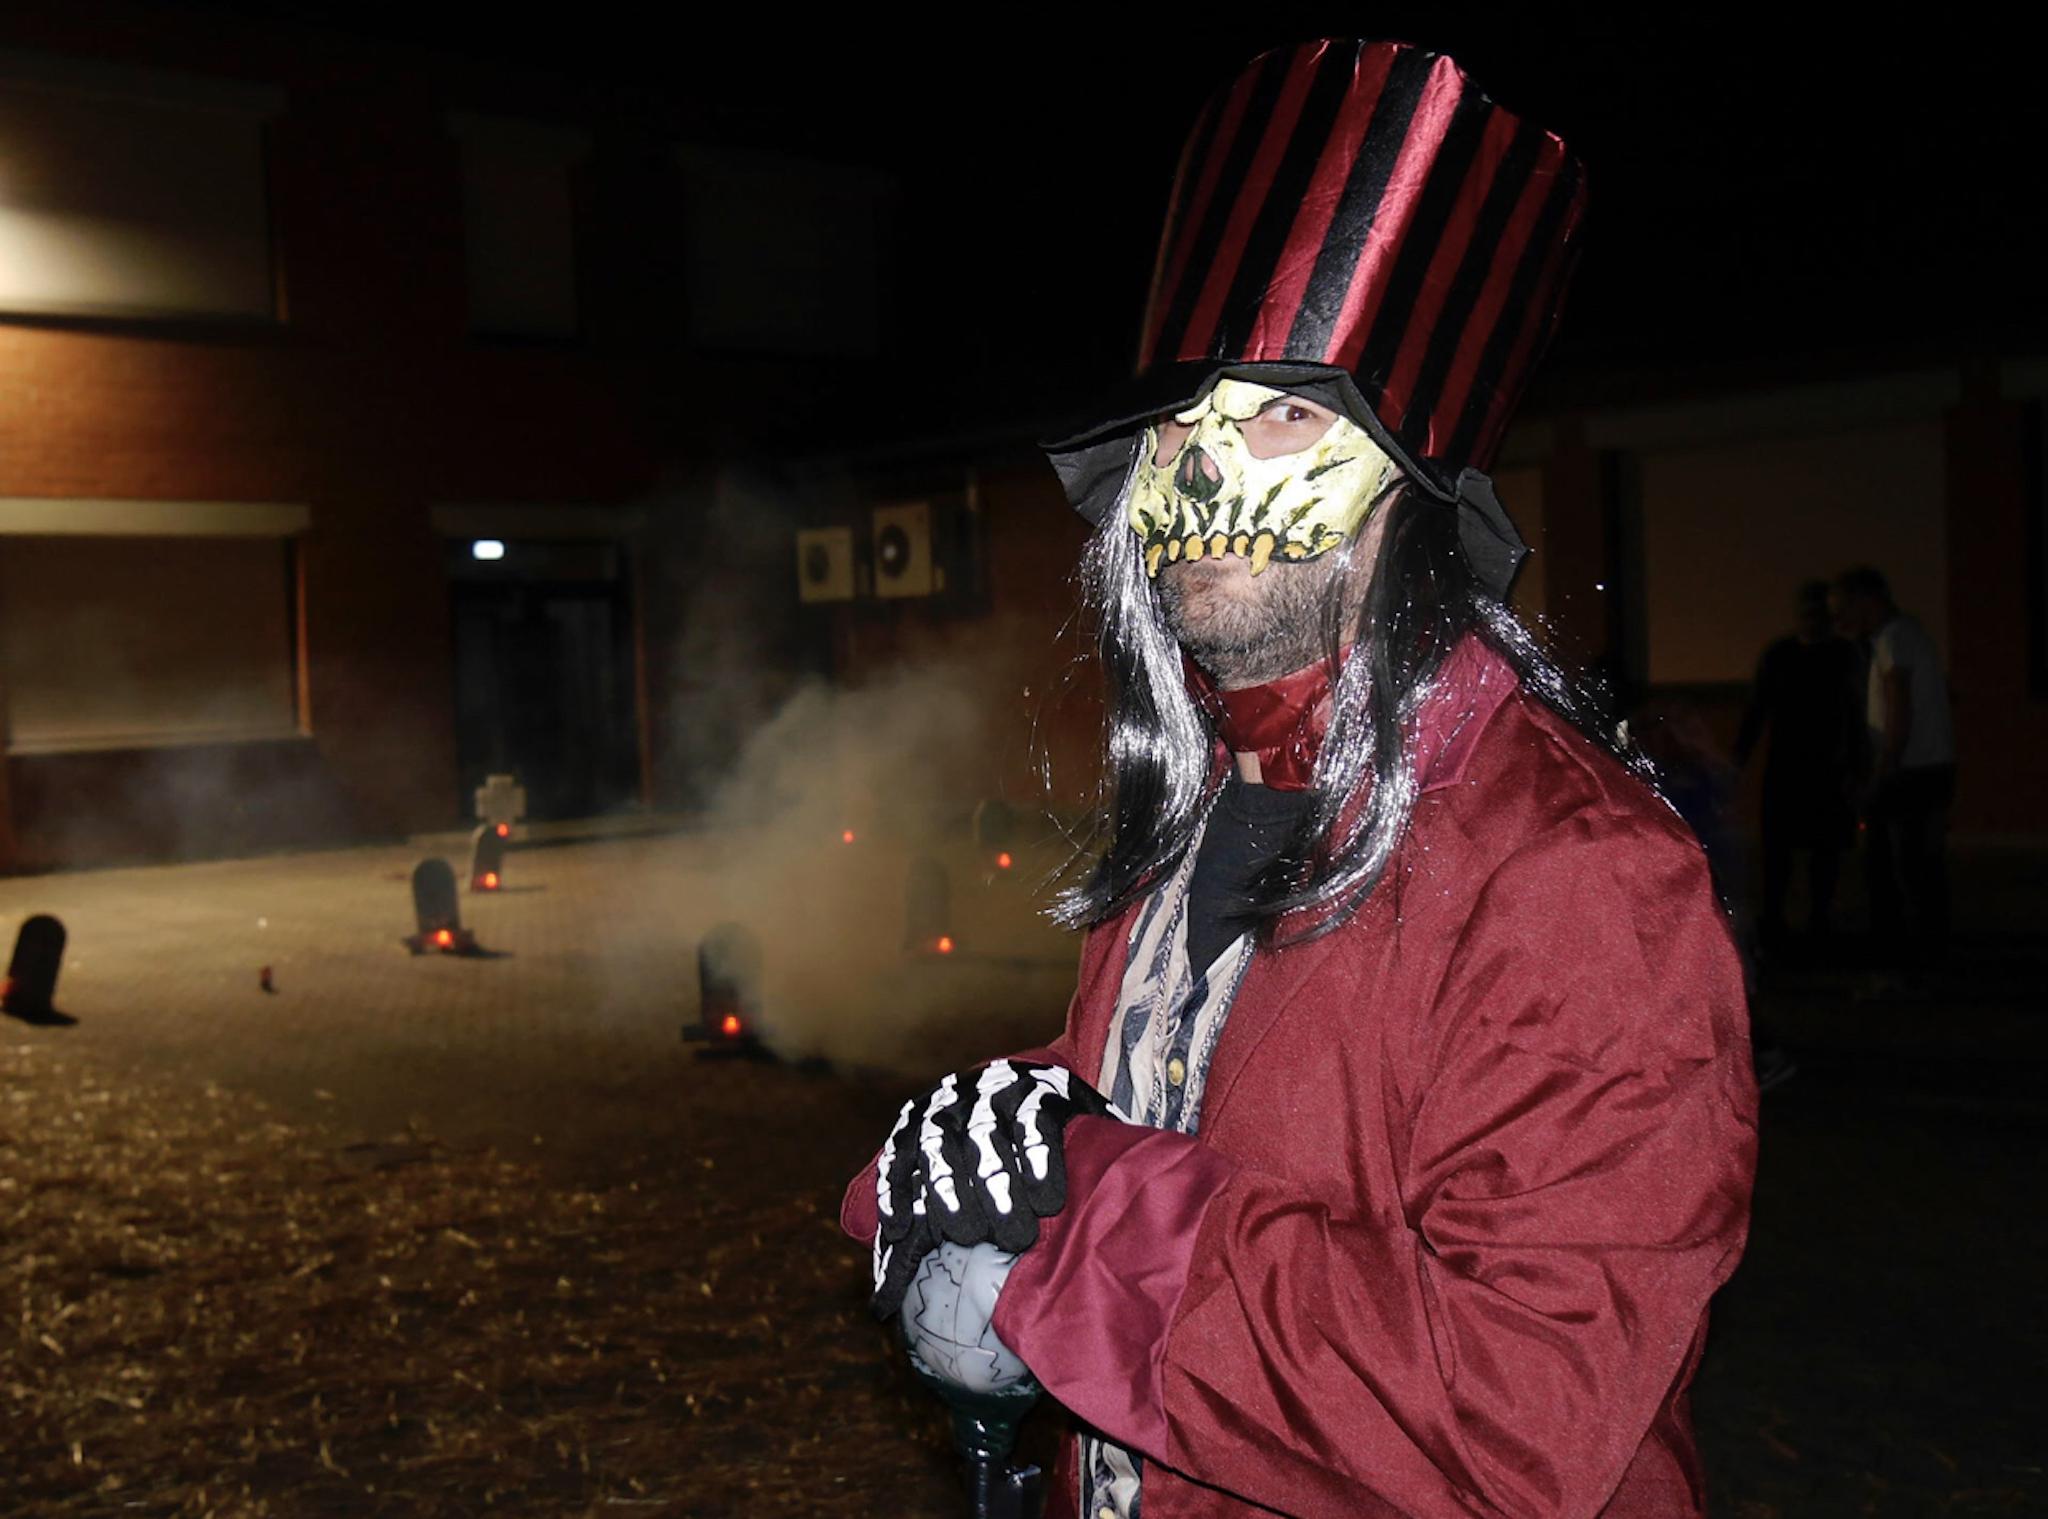 Die Horror Night im letzte Jahr. Foto: Uwe Eichler.